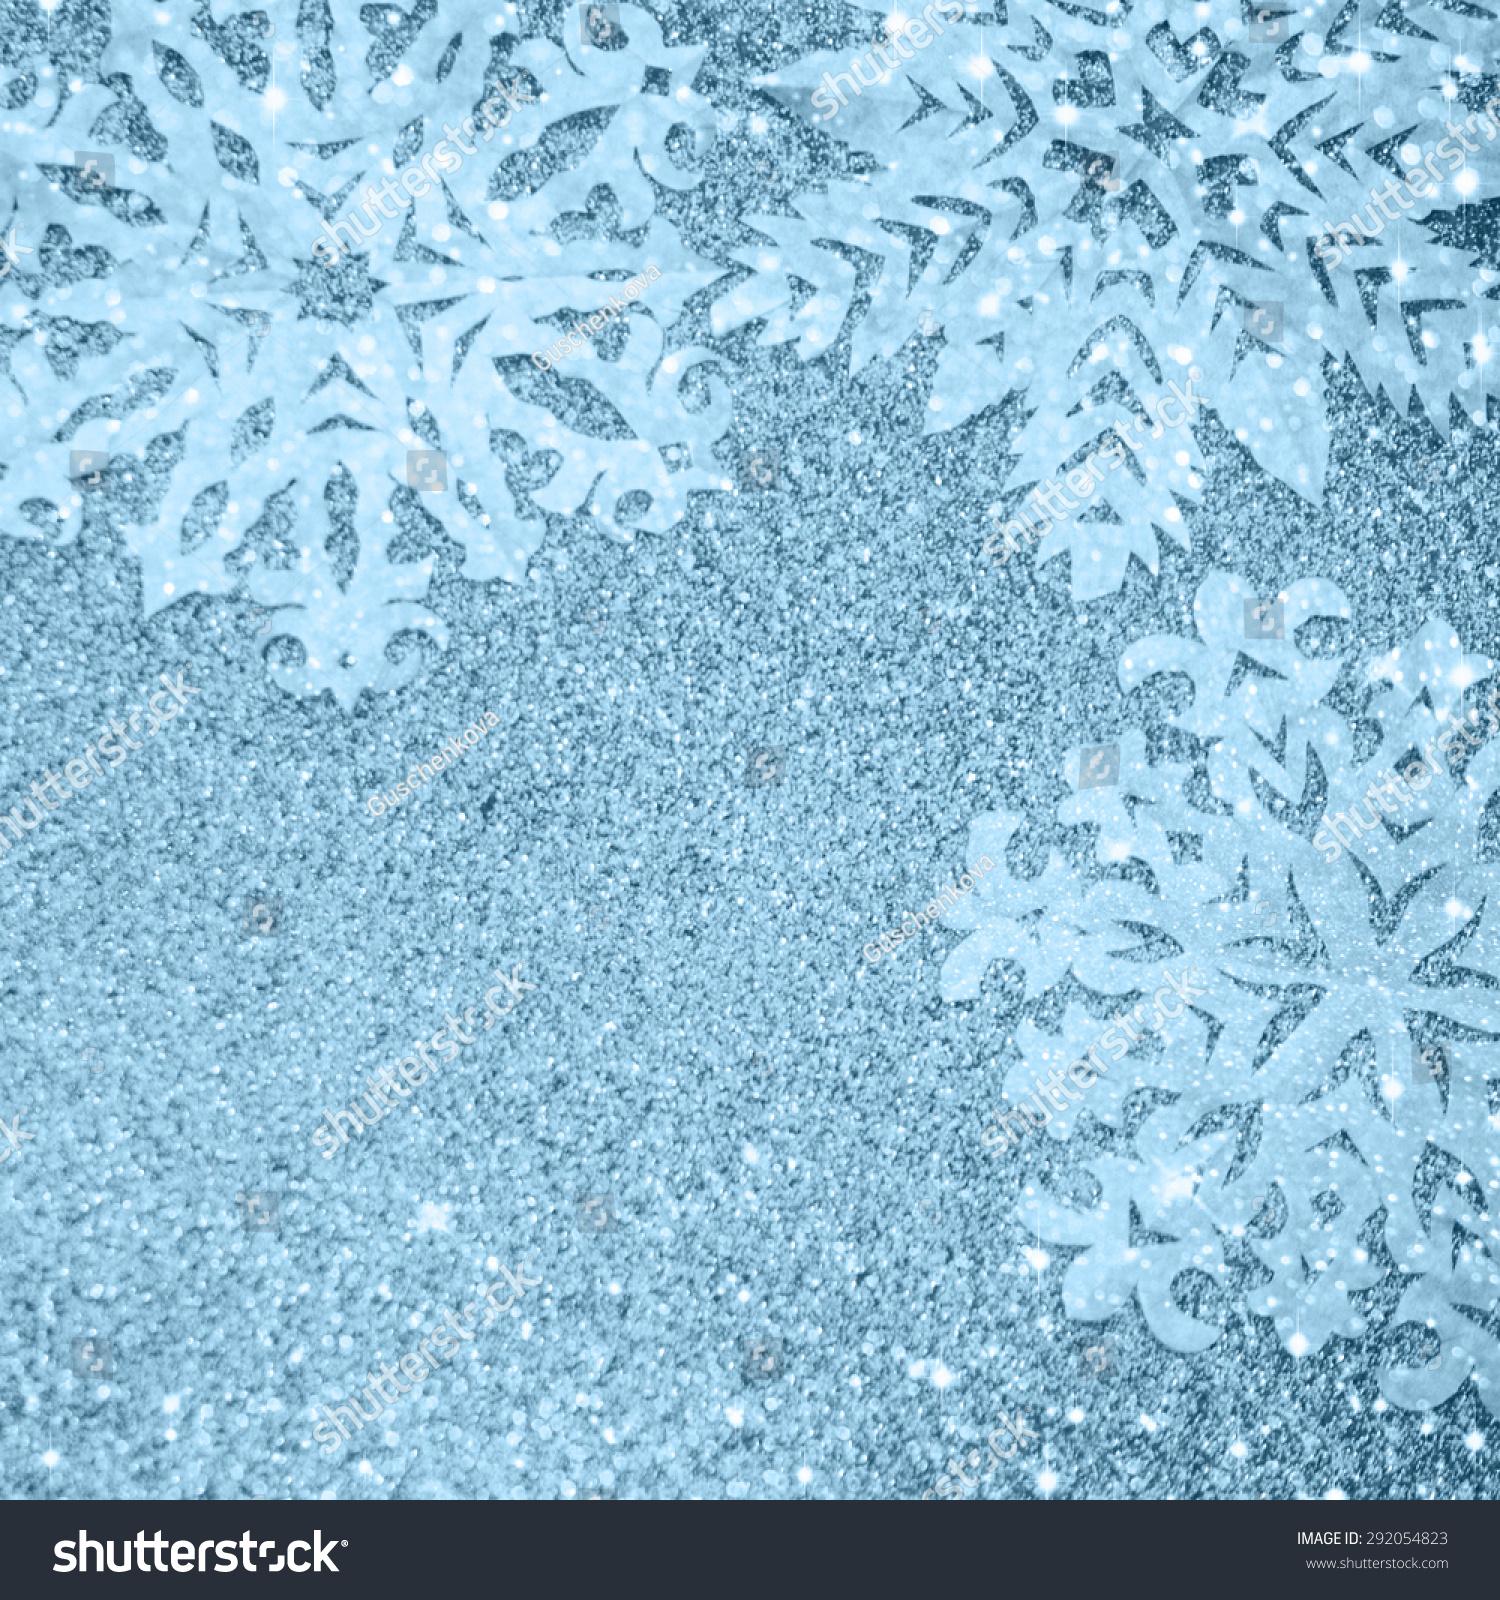 冬天的背景-背景/素材